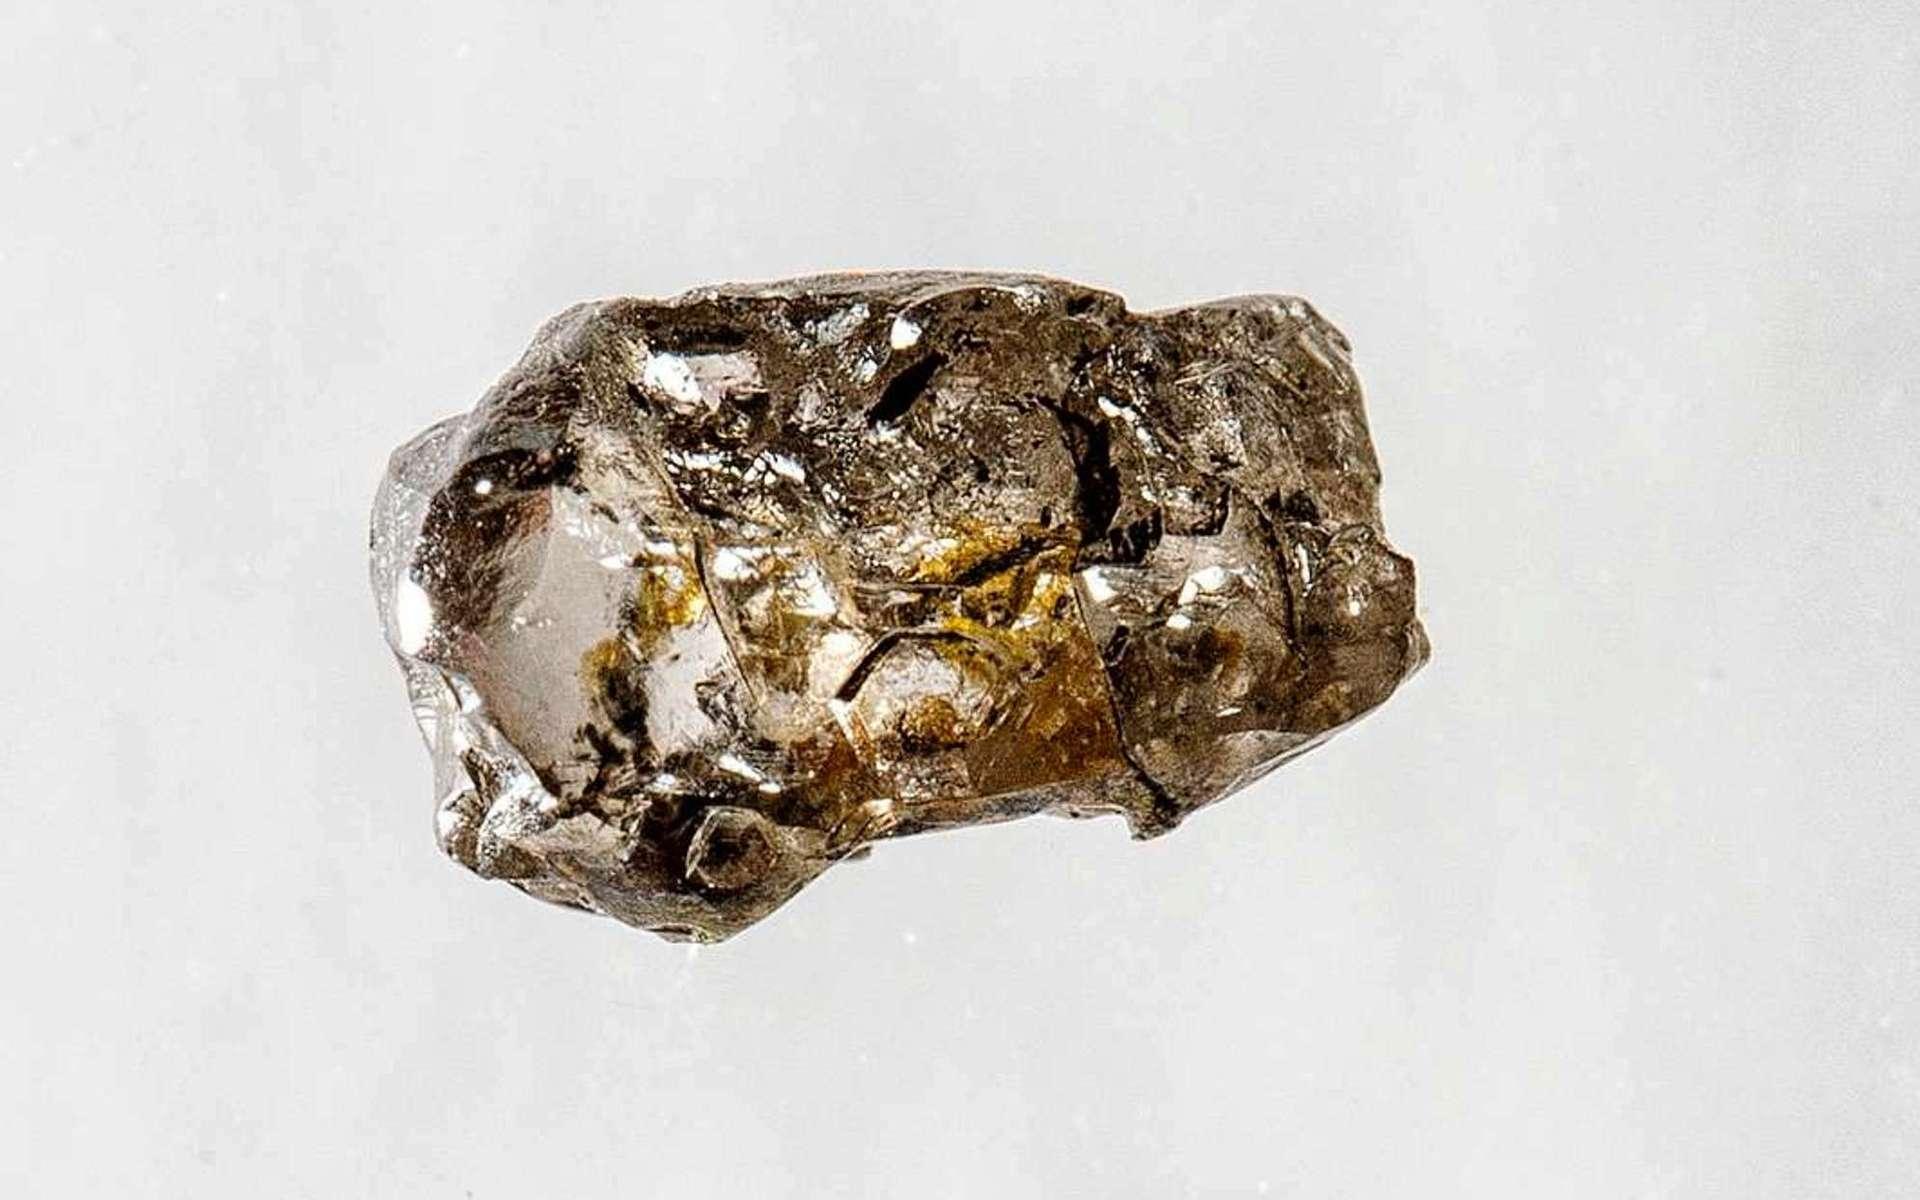 Ce diamant brut de mauvaise qualité ne fait que quelques millimètres de long. Il contient cependant un trésor invisible à l'œil nu qu'ont révélé des études patientes menées pendant des années. Les méthodes de spectroscopie Raman et de diffraction des rayons X ont montré qu'il contenait des inclusions d'un minéral mythique dans le manteau : la ringwoodite. © Université de l'Alberta